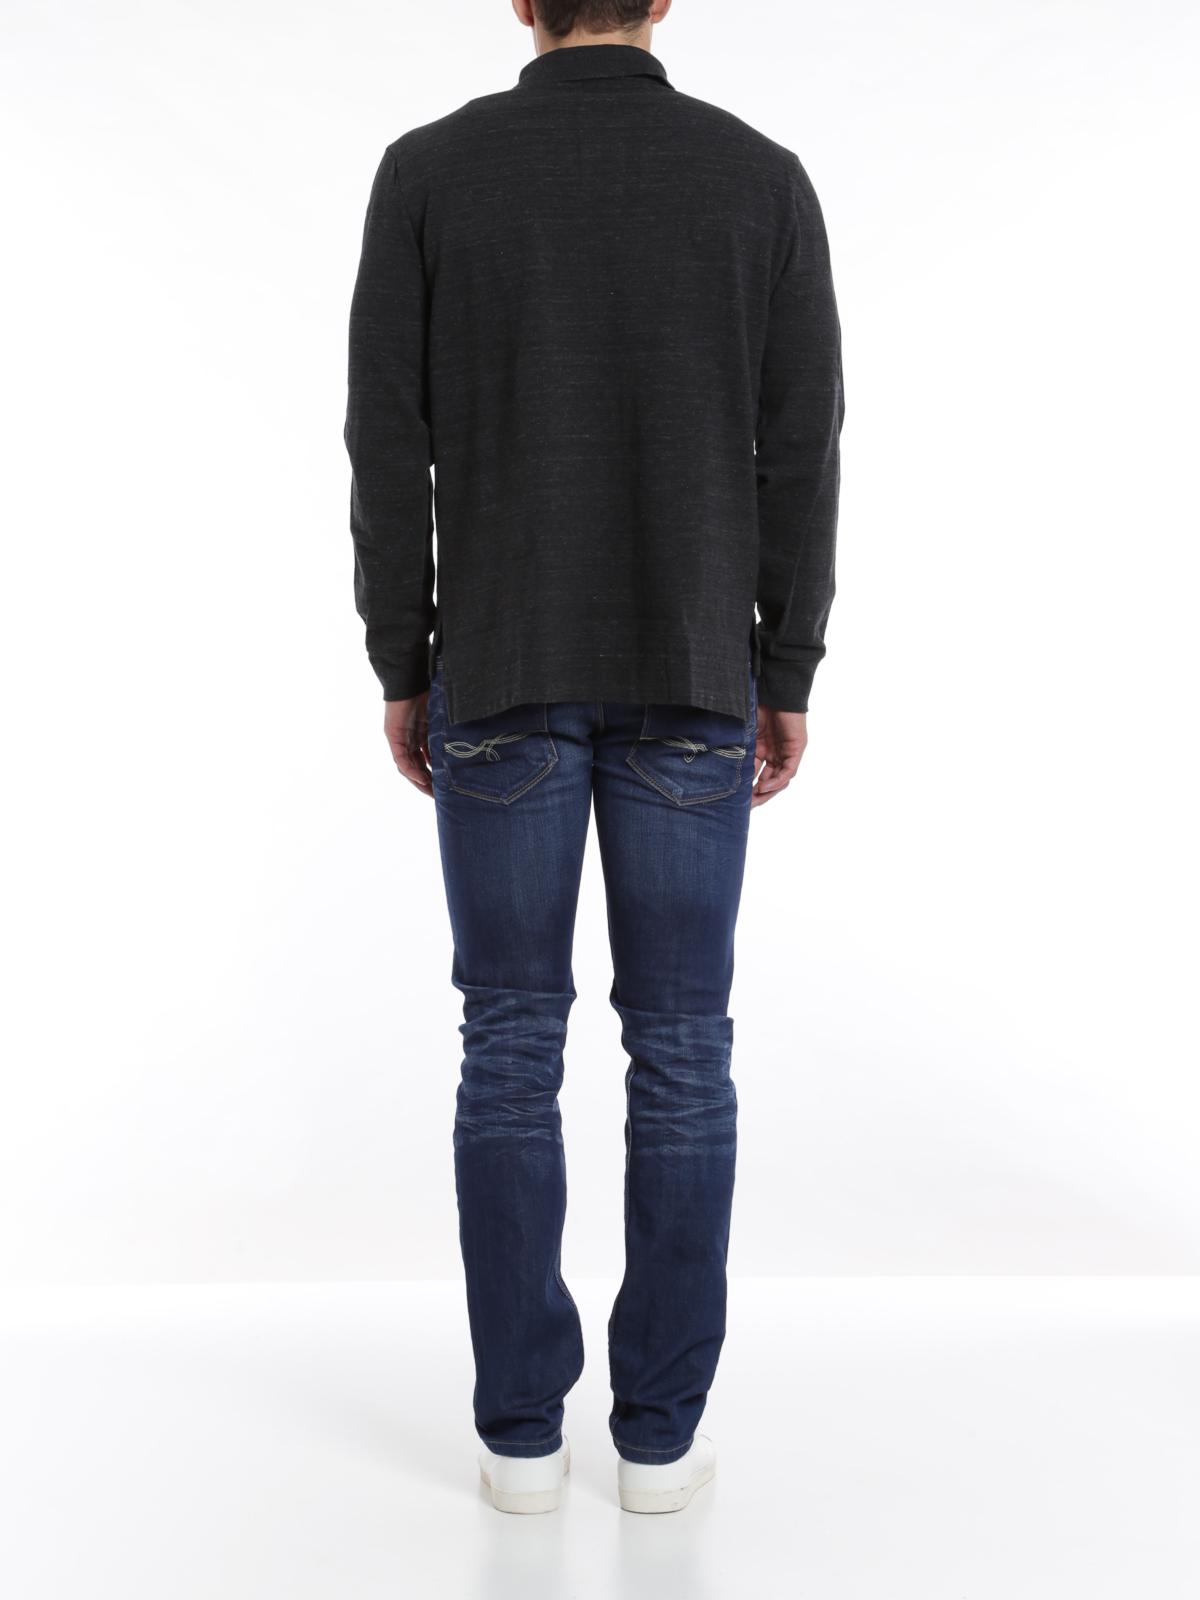 Polo Ralph Lauren - Poloshirt mit langen Ärmeln - Poloshirts - A12 ... e682353e71